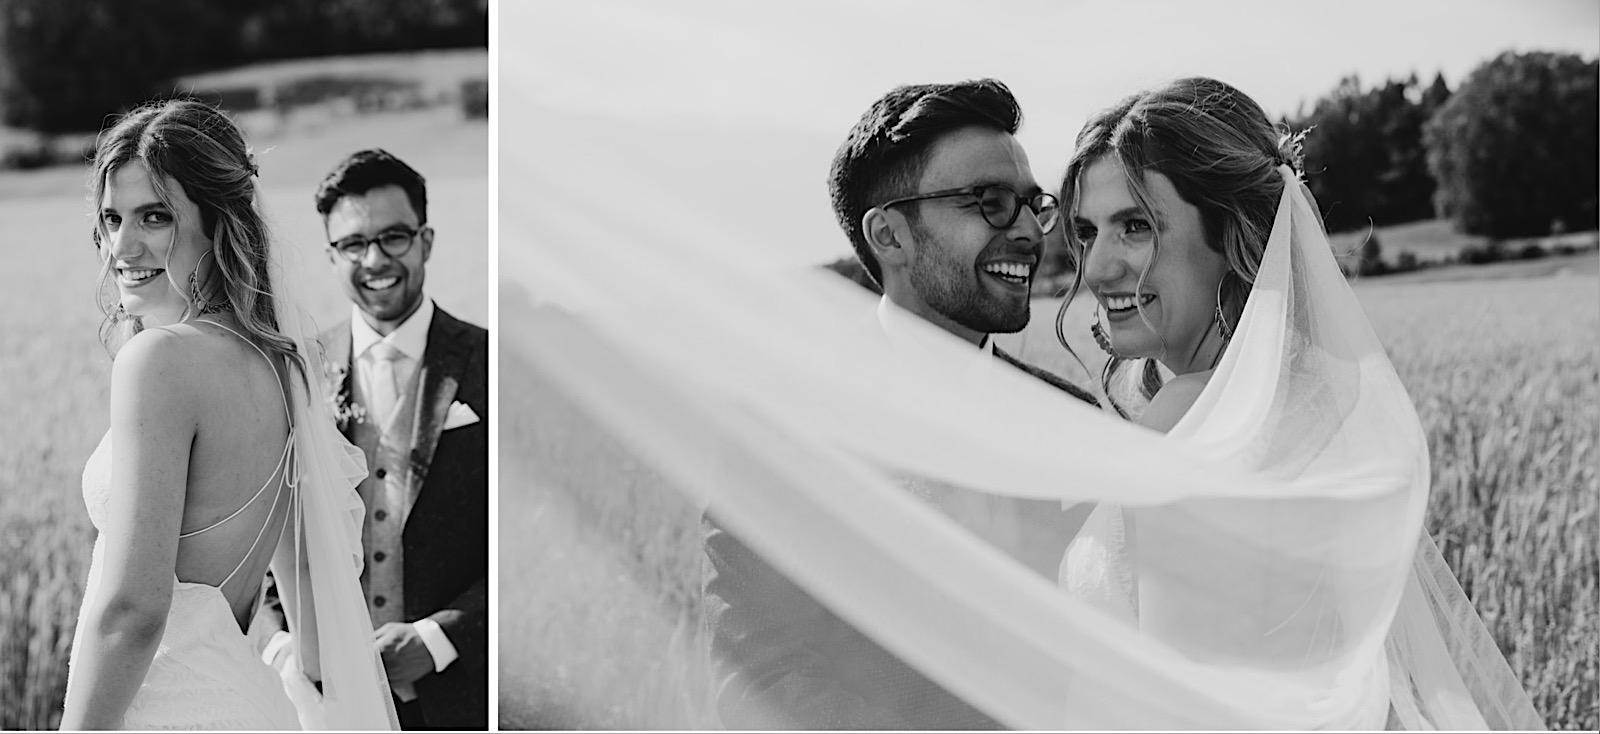 02_bohowedding_afterweddingshoot_elopement_switzerland (8 von 55)_bohowedding_afterweddingshoot_elopement_switzerland (6 von 55).jpg